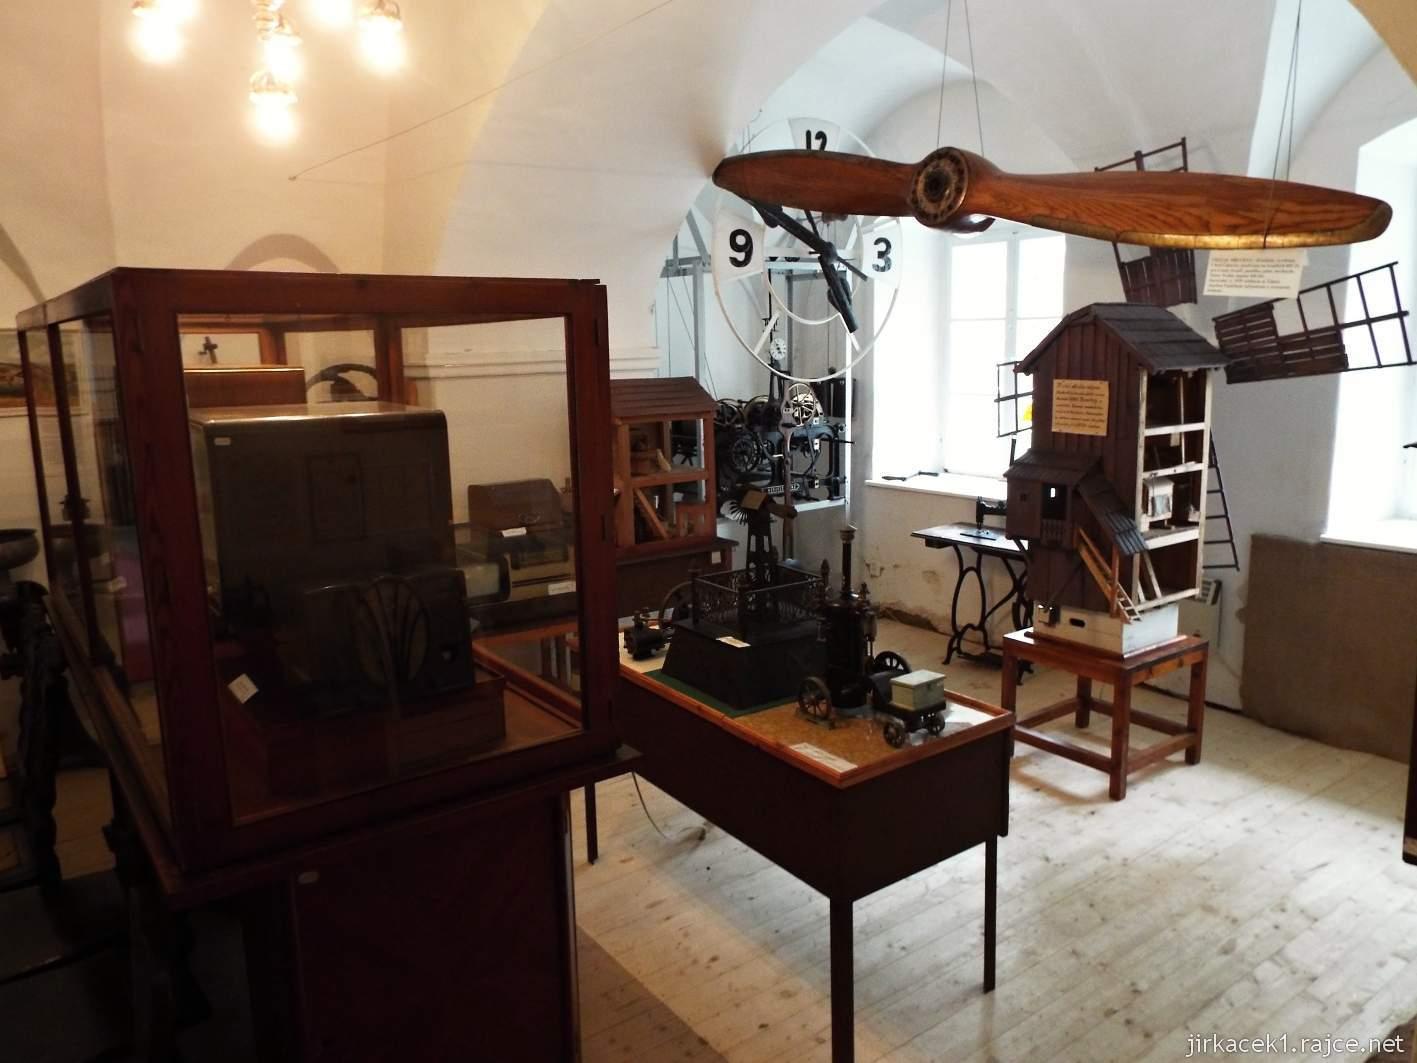 Zámek Ždánice - Vrbasovo muzeum - expozice pohyblivých modelů